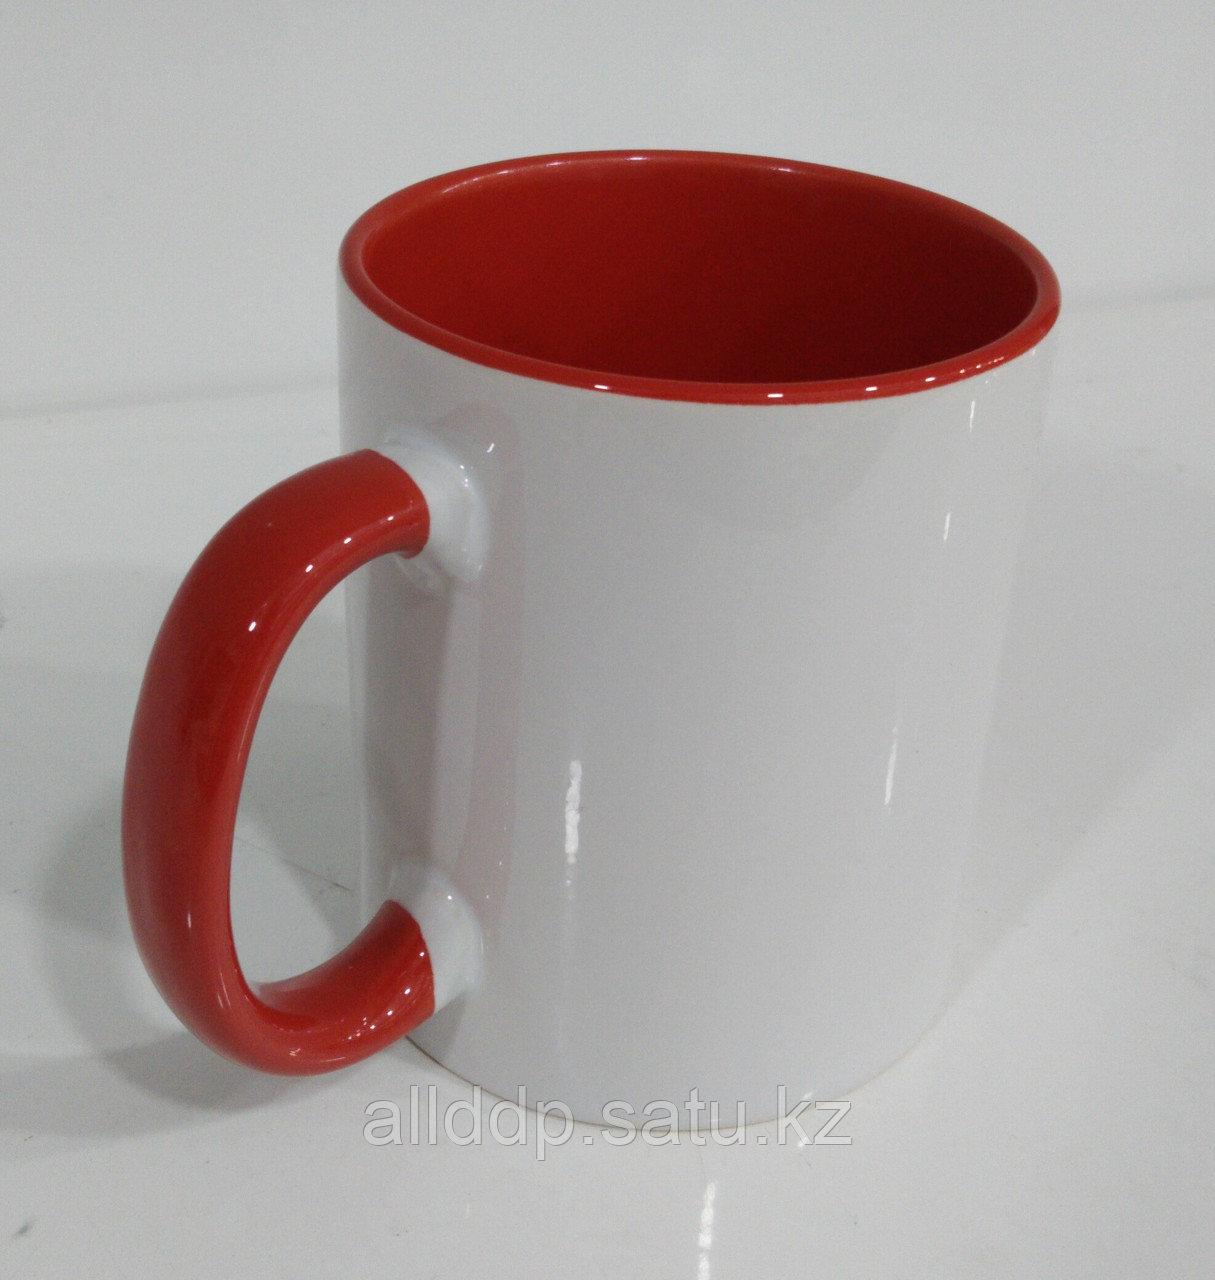 Кружка под сублимацию, бело-красный